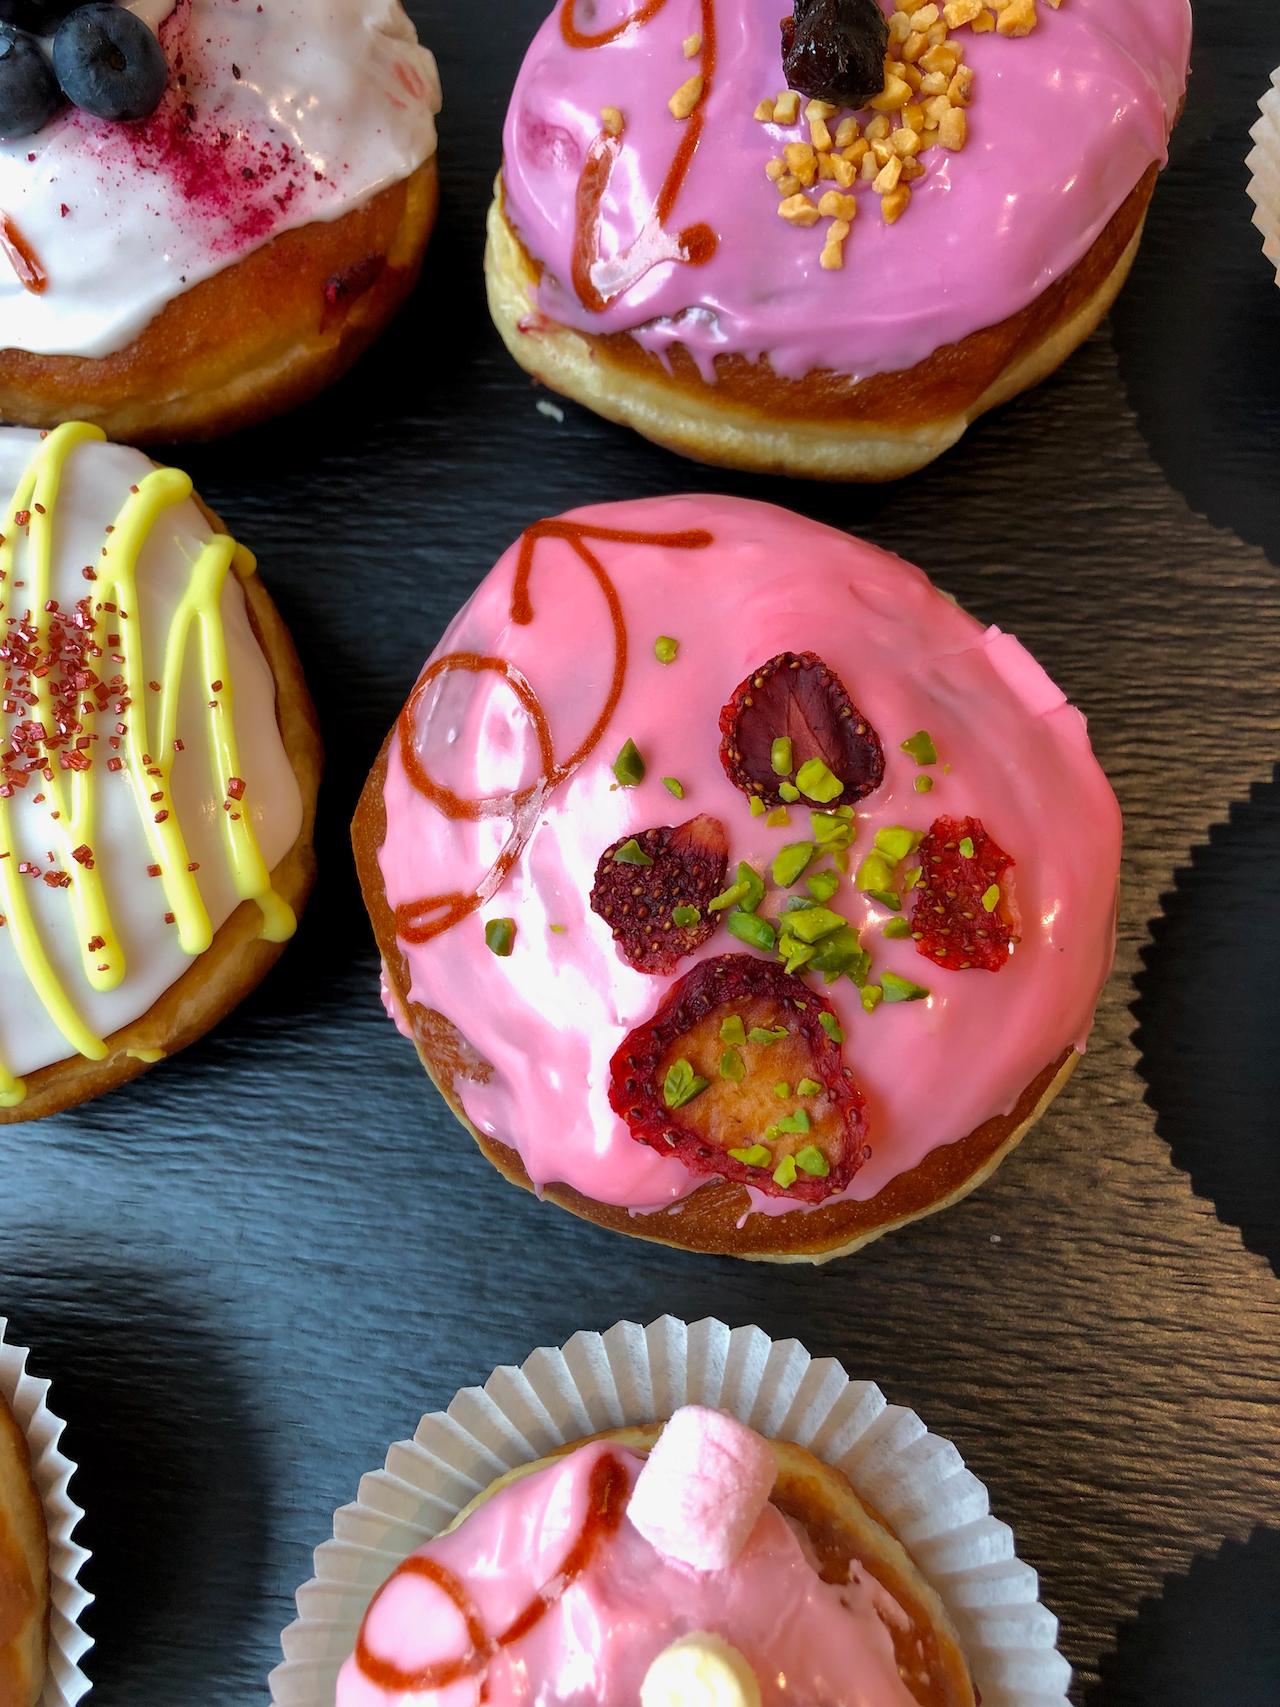 Erdbeermarmelade selbst zu kochen ist Ehrensache - Wer weniger Zucker verwendet, schmeckt mehr von der Frucht.